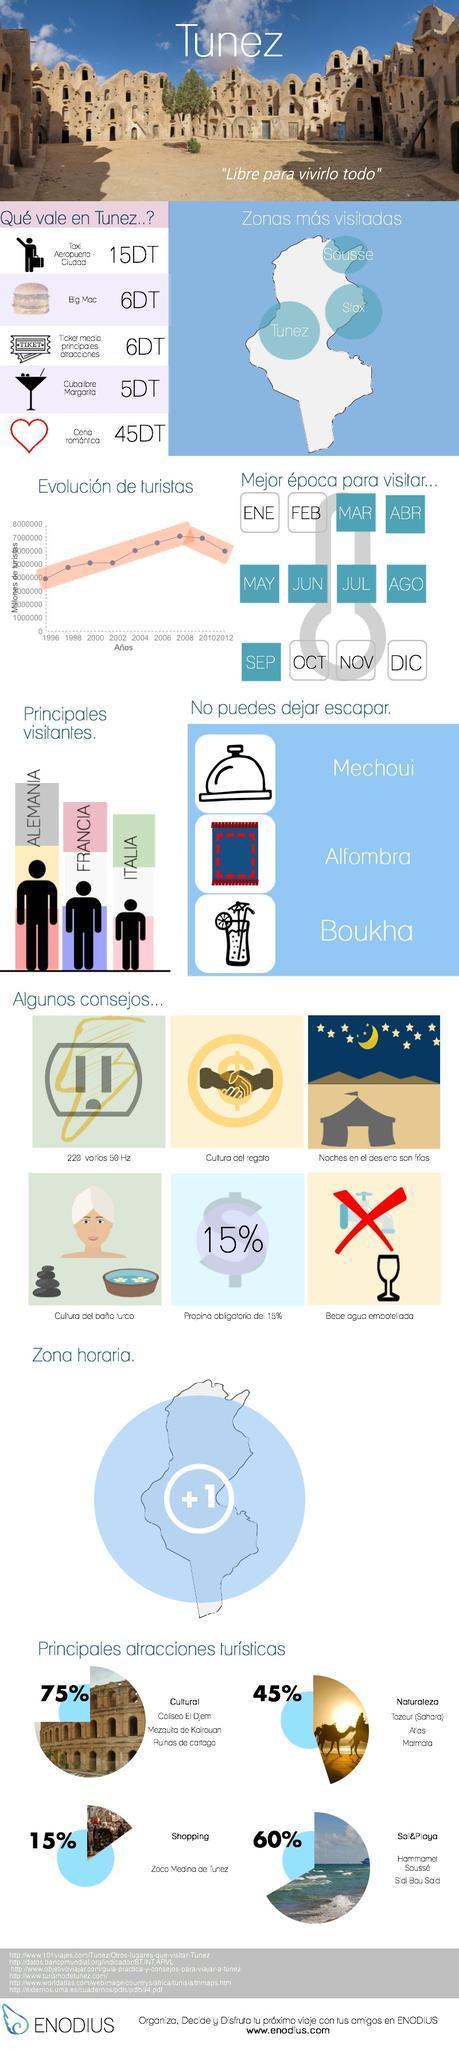 Túnez infografía